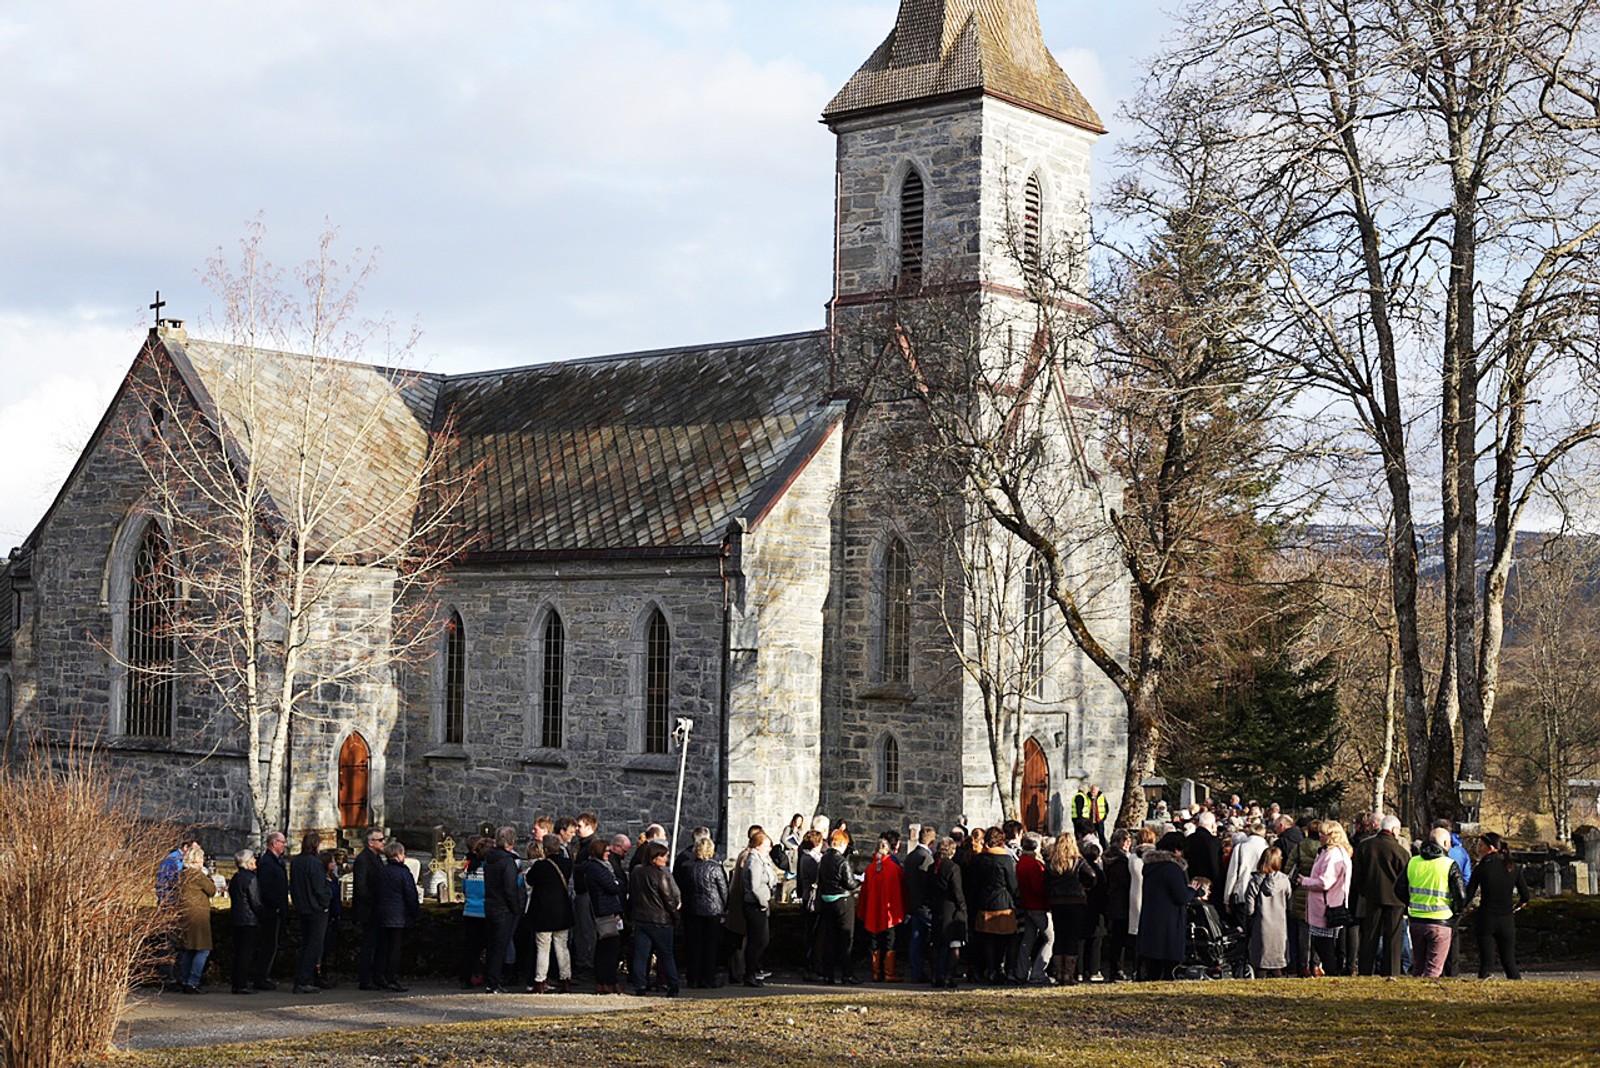 Slik så det ut utenfor Snåsa kirke i timen før bursdagskonserten startet.